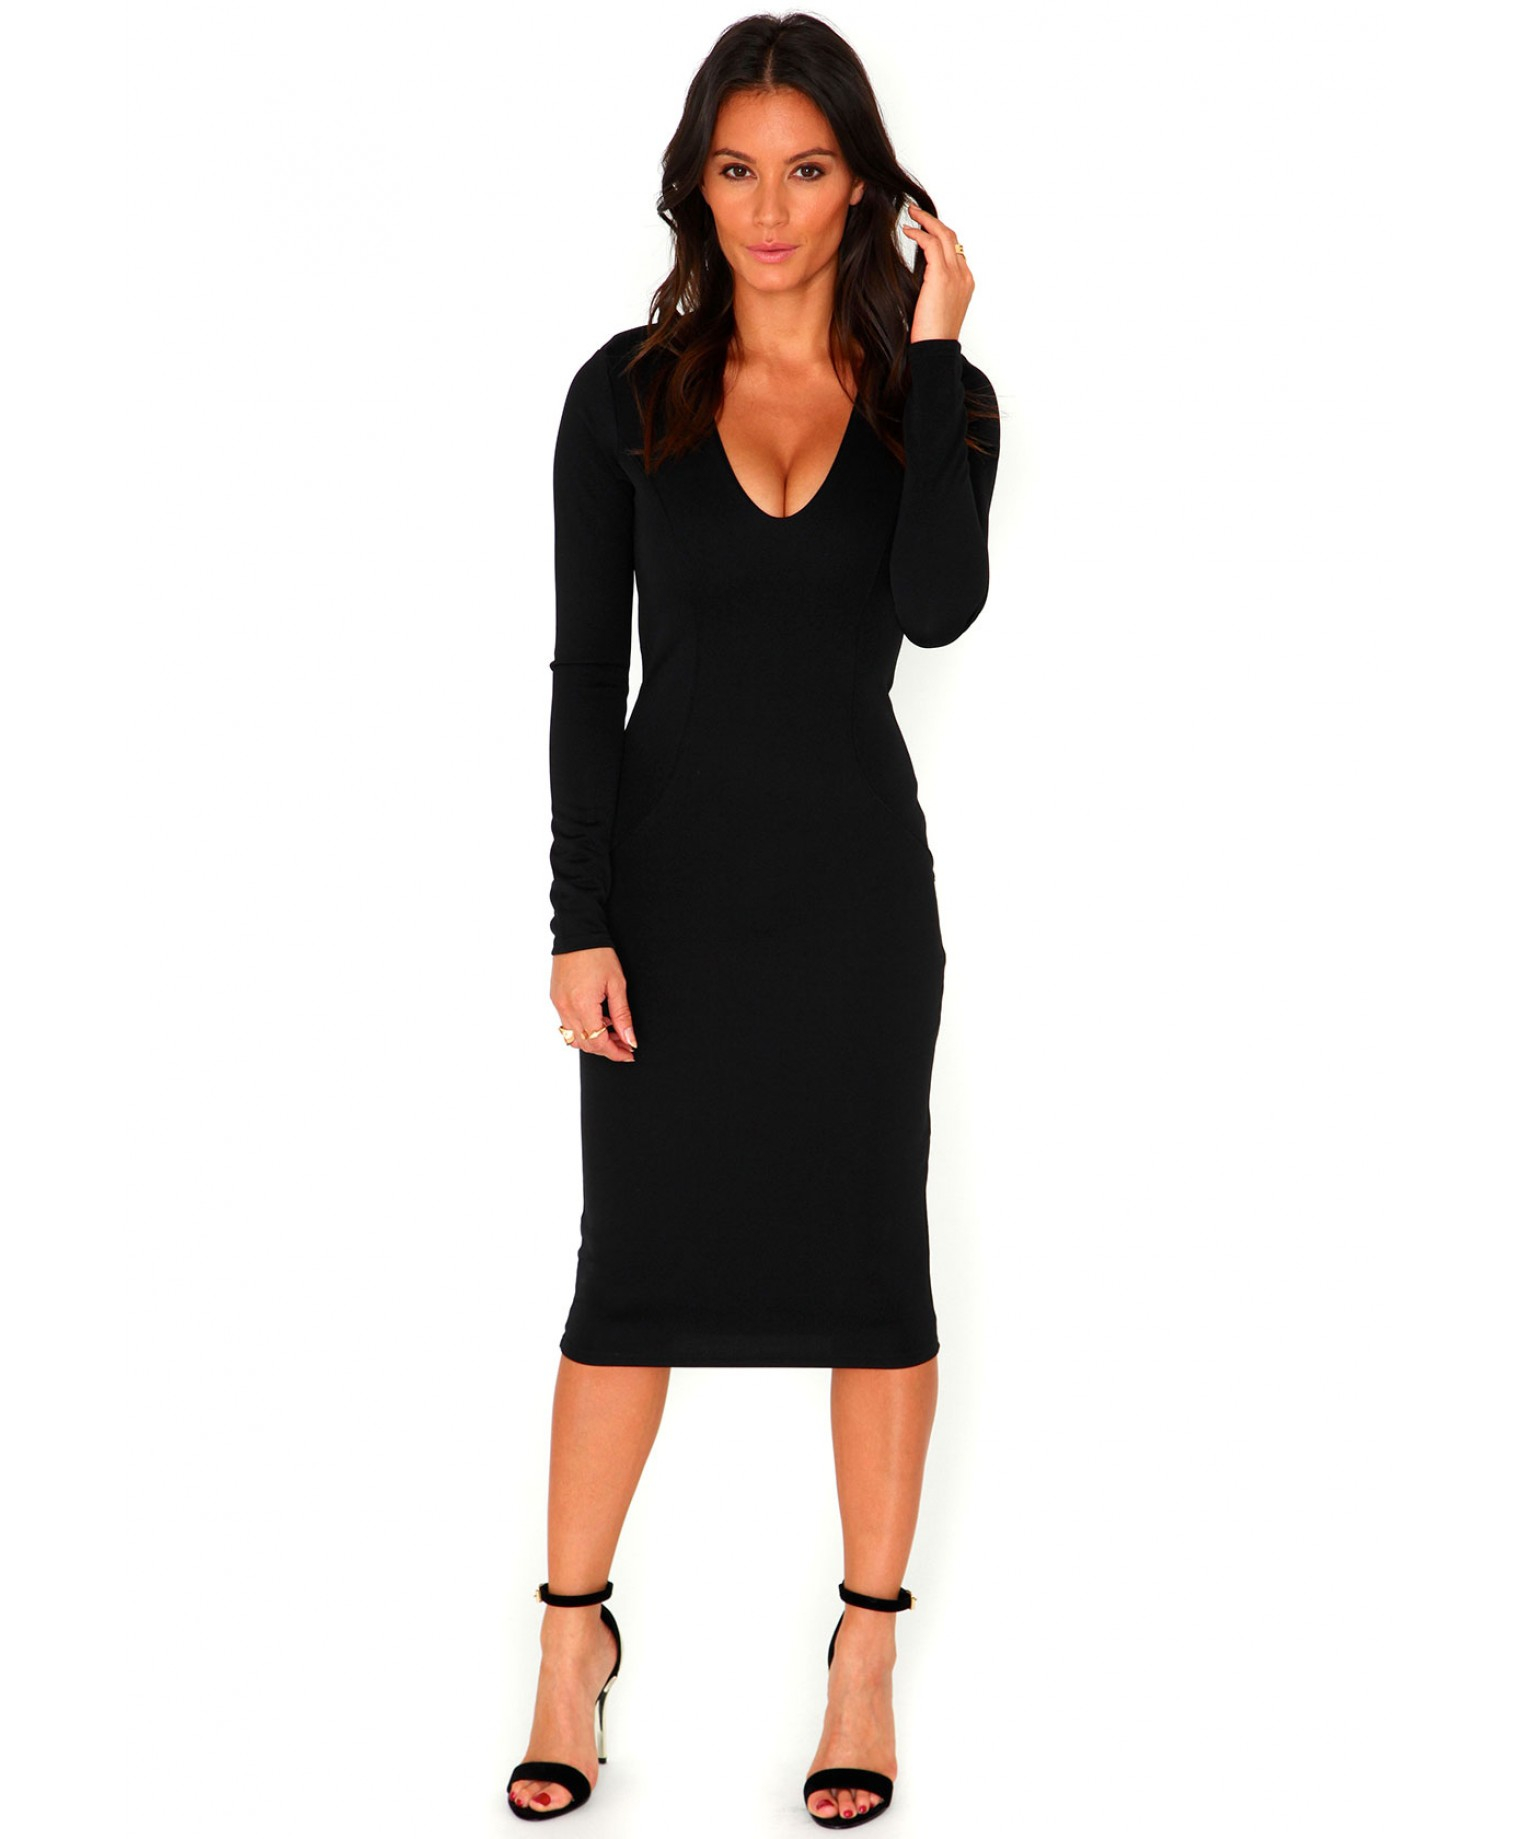 Missguided velvet racer high neck midi dress black in black lyst - Gallery